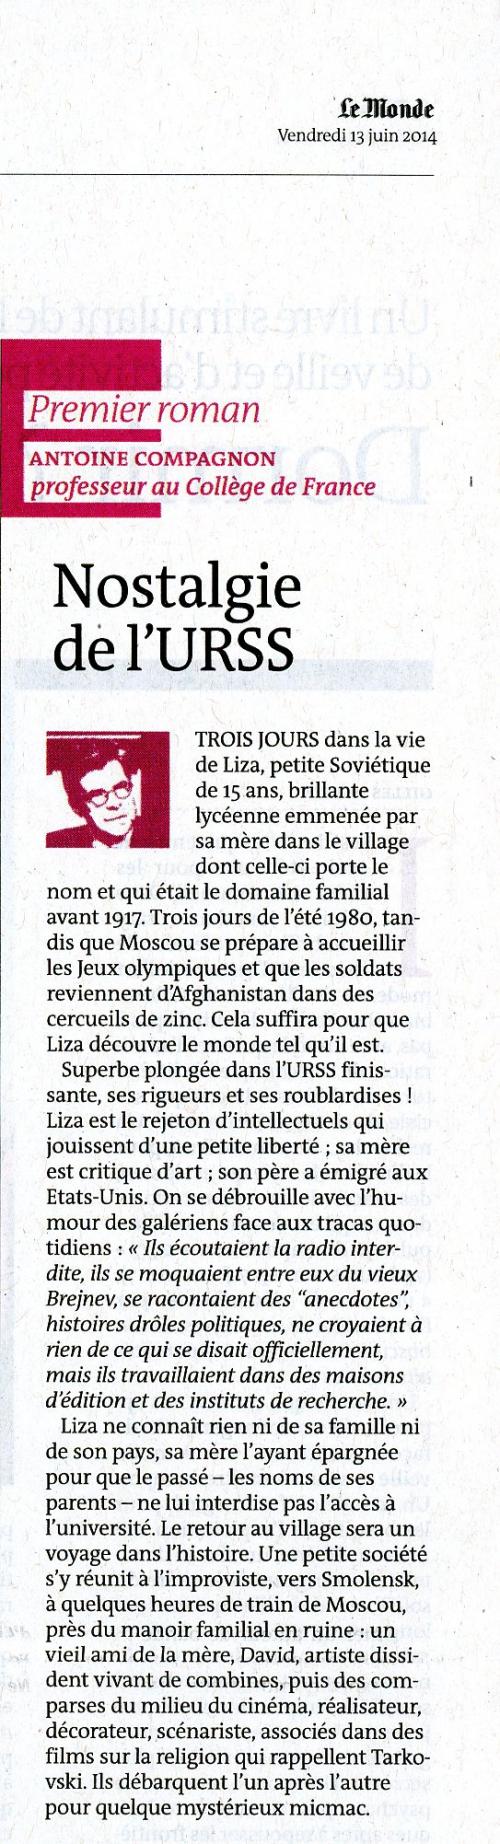 Le Monde des Livres001.jpg